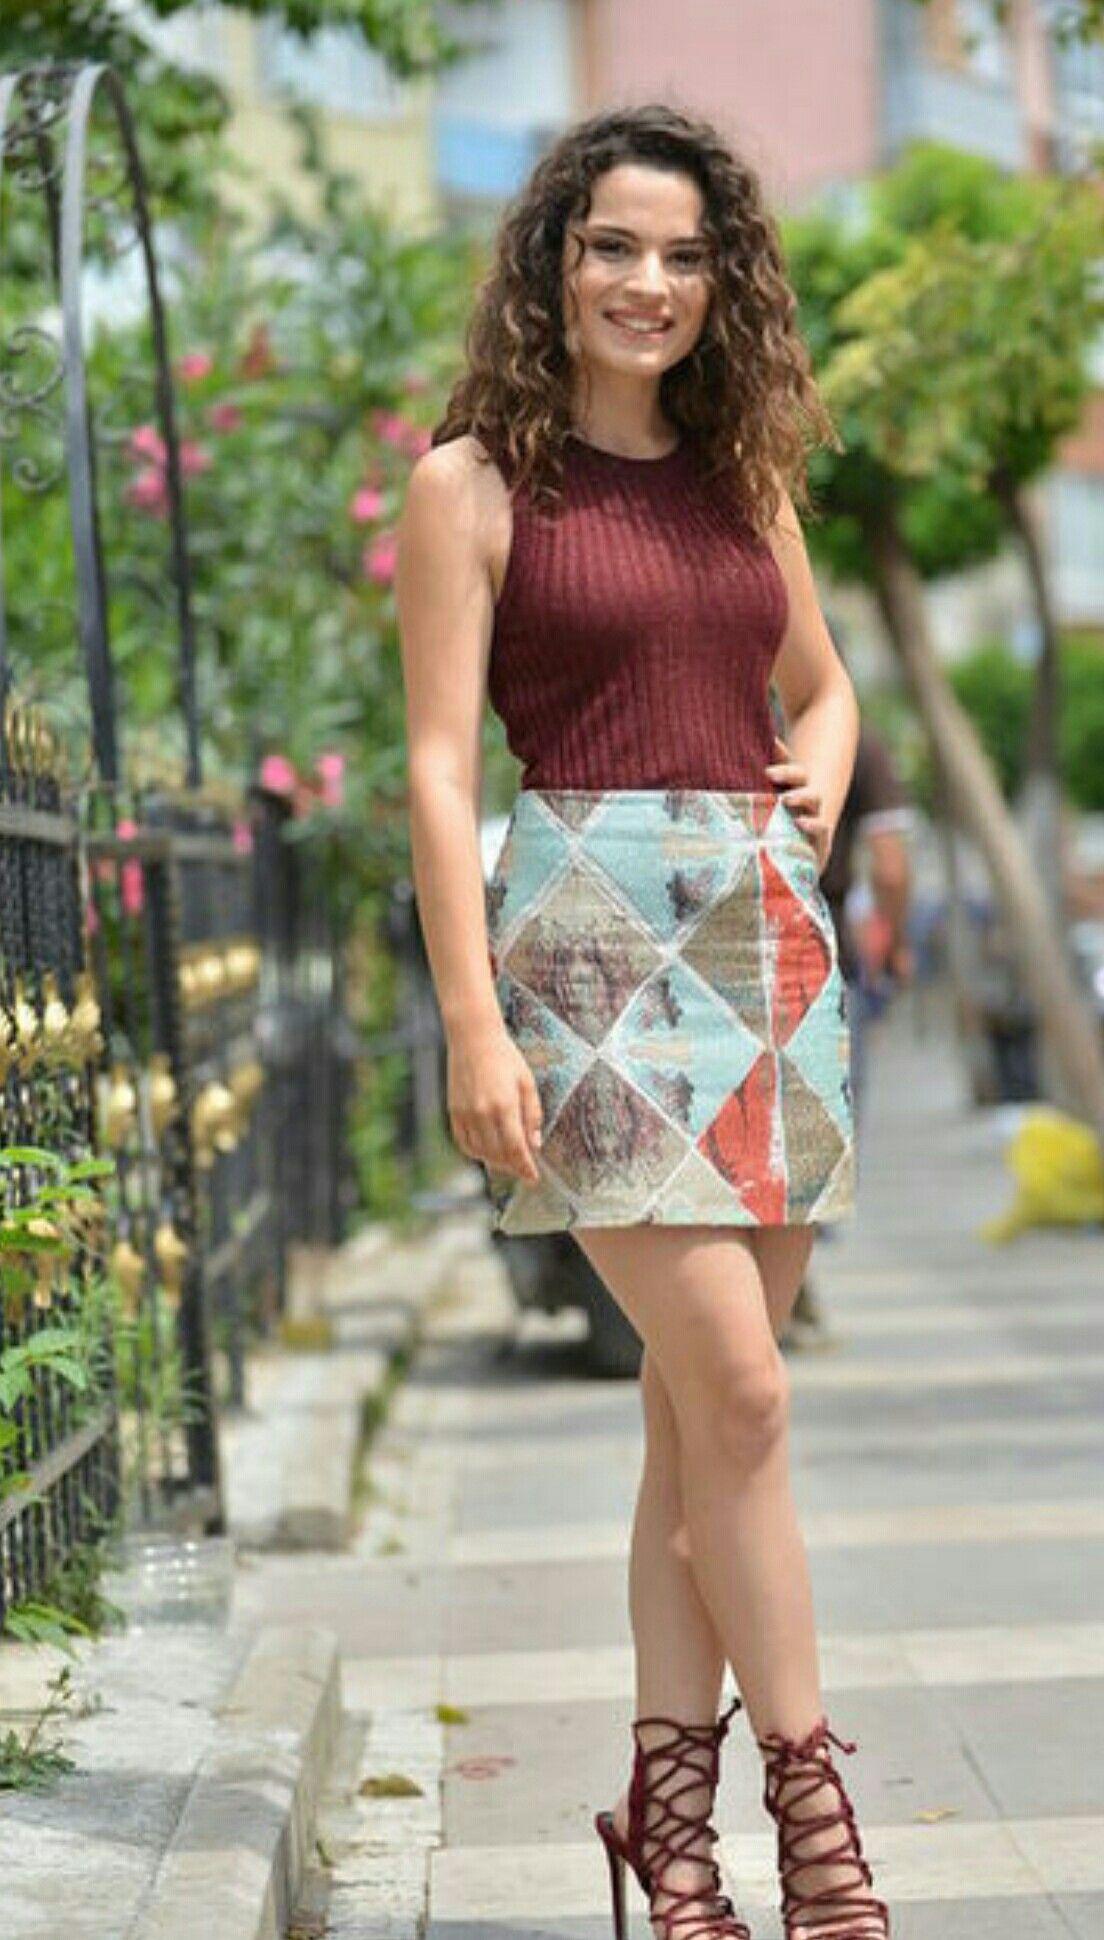 Aslı Bekiroğlu Türk Güzeller 2019 Skirt Fashion Turkish Beauty